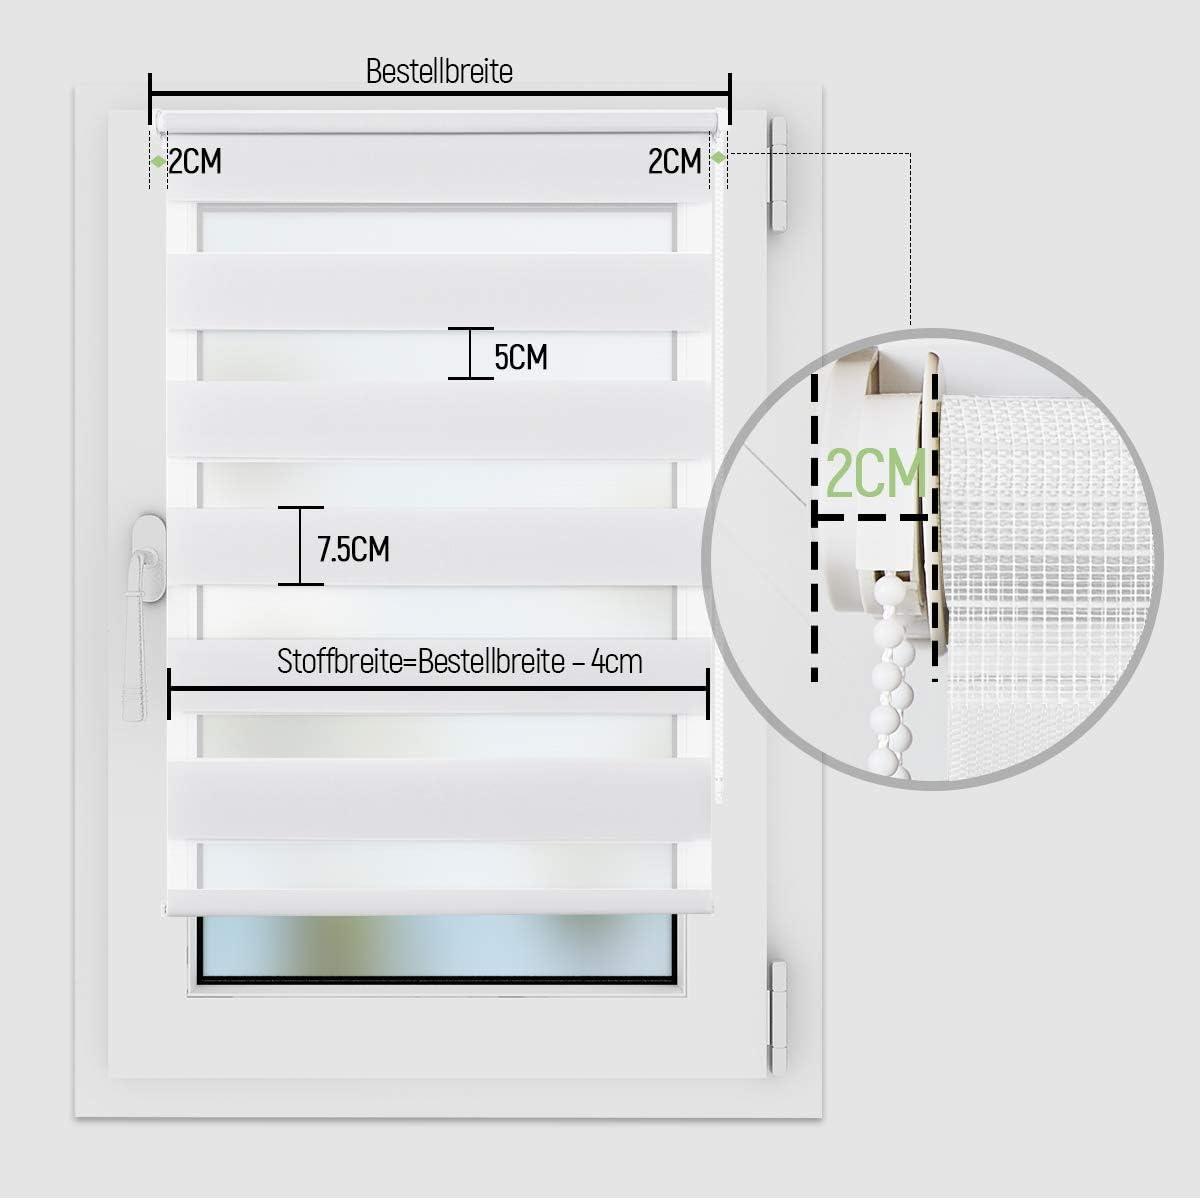 Fenster Duo Rollo Sicht und Sonnenschutz Wei/ß, B50cm x H120cm Lichtdurchl/ässig und Verdunkelnd Rollos f/ür Fenster /& T/üren. OUBO Doppelrollo Klemmfix ohne Bohren mit Klemmtr/ägern